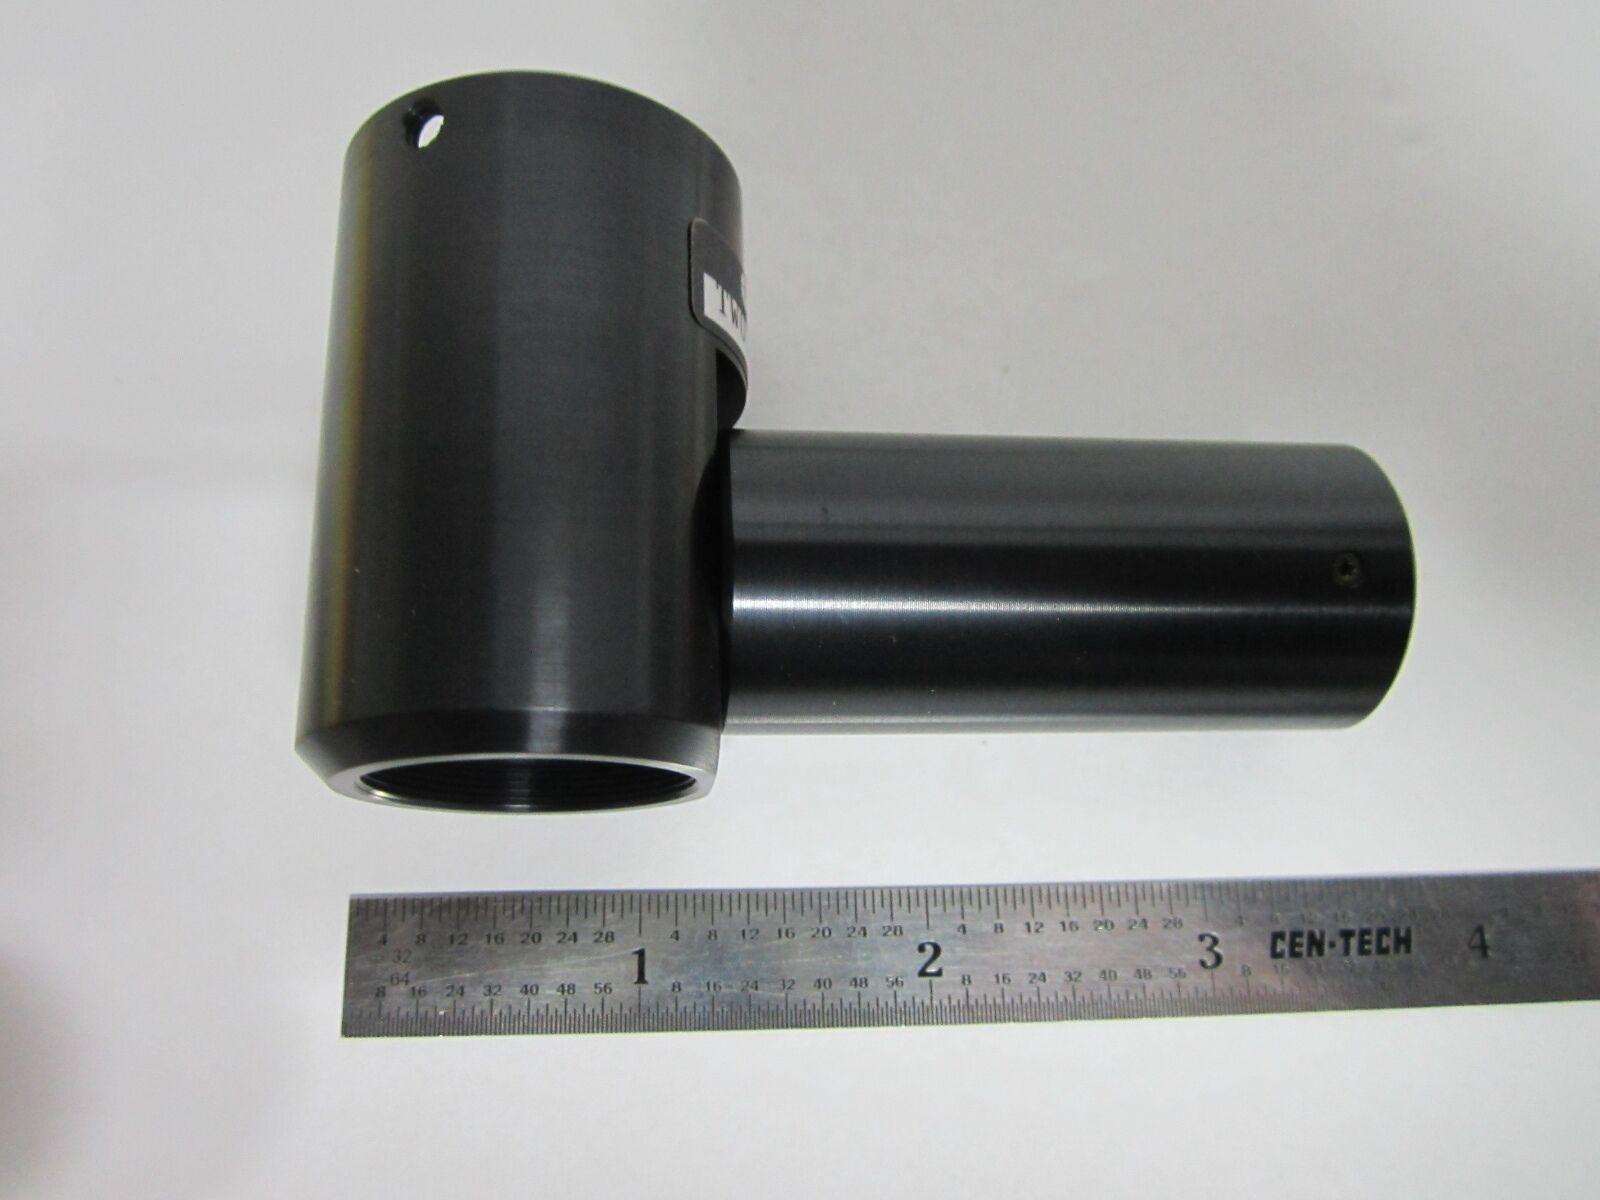 Ottico Ottico Ottico Microscopio Ispezione Optem Raggio Spaccatore TW033099 Cestino Q1-11 e1e602